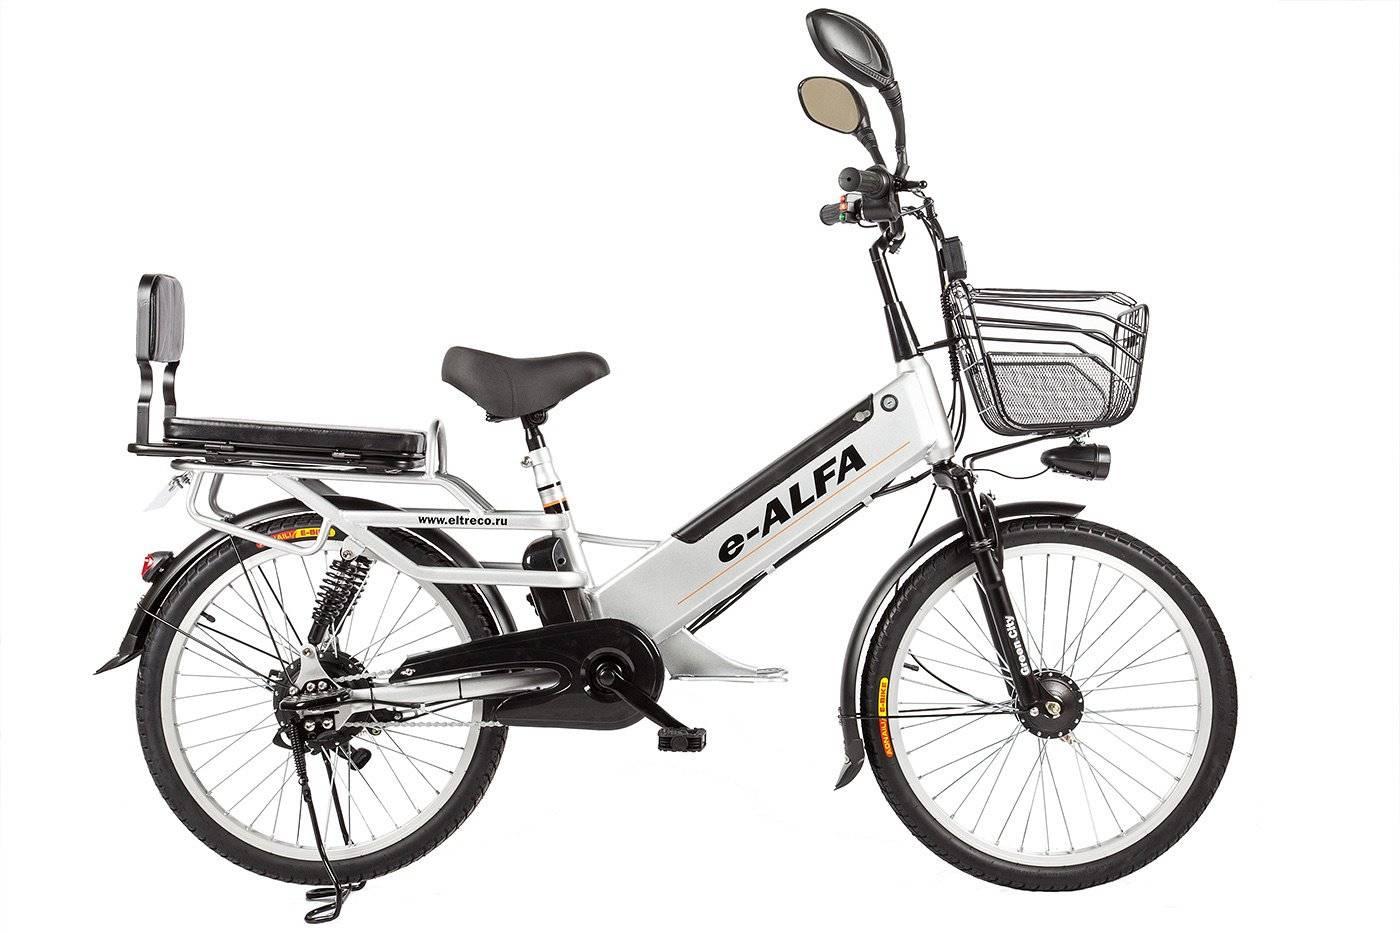 Велогибрид Eltreco e-ALFA GL 500W, 010824-0248, фото 5